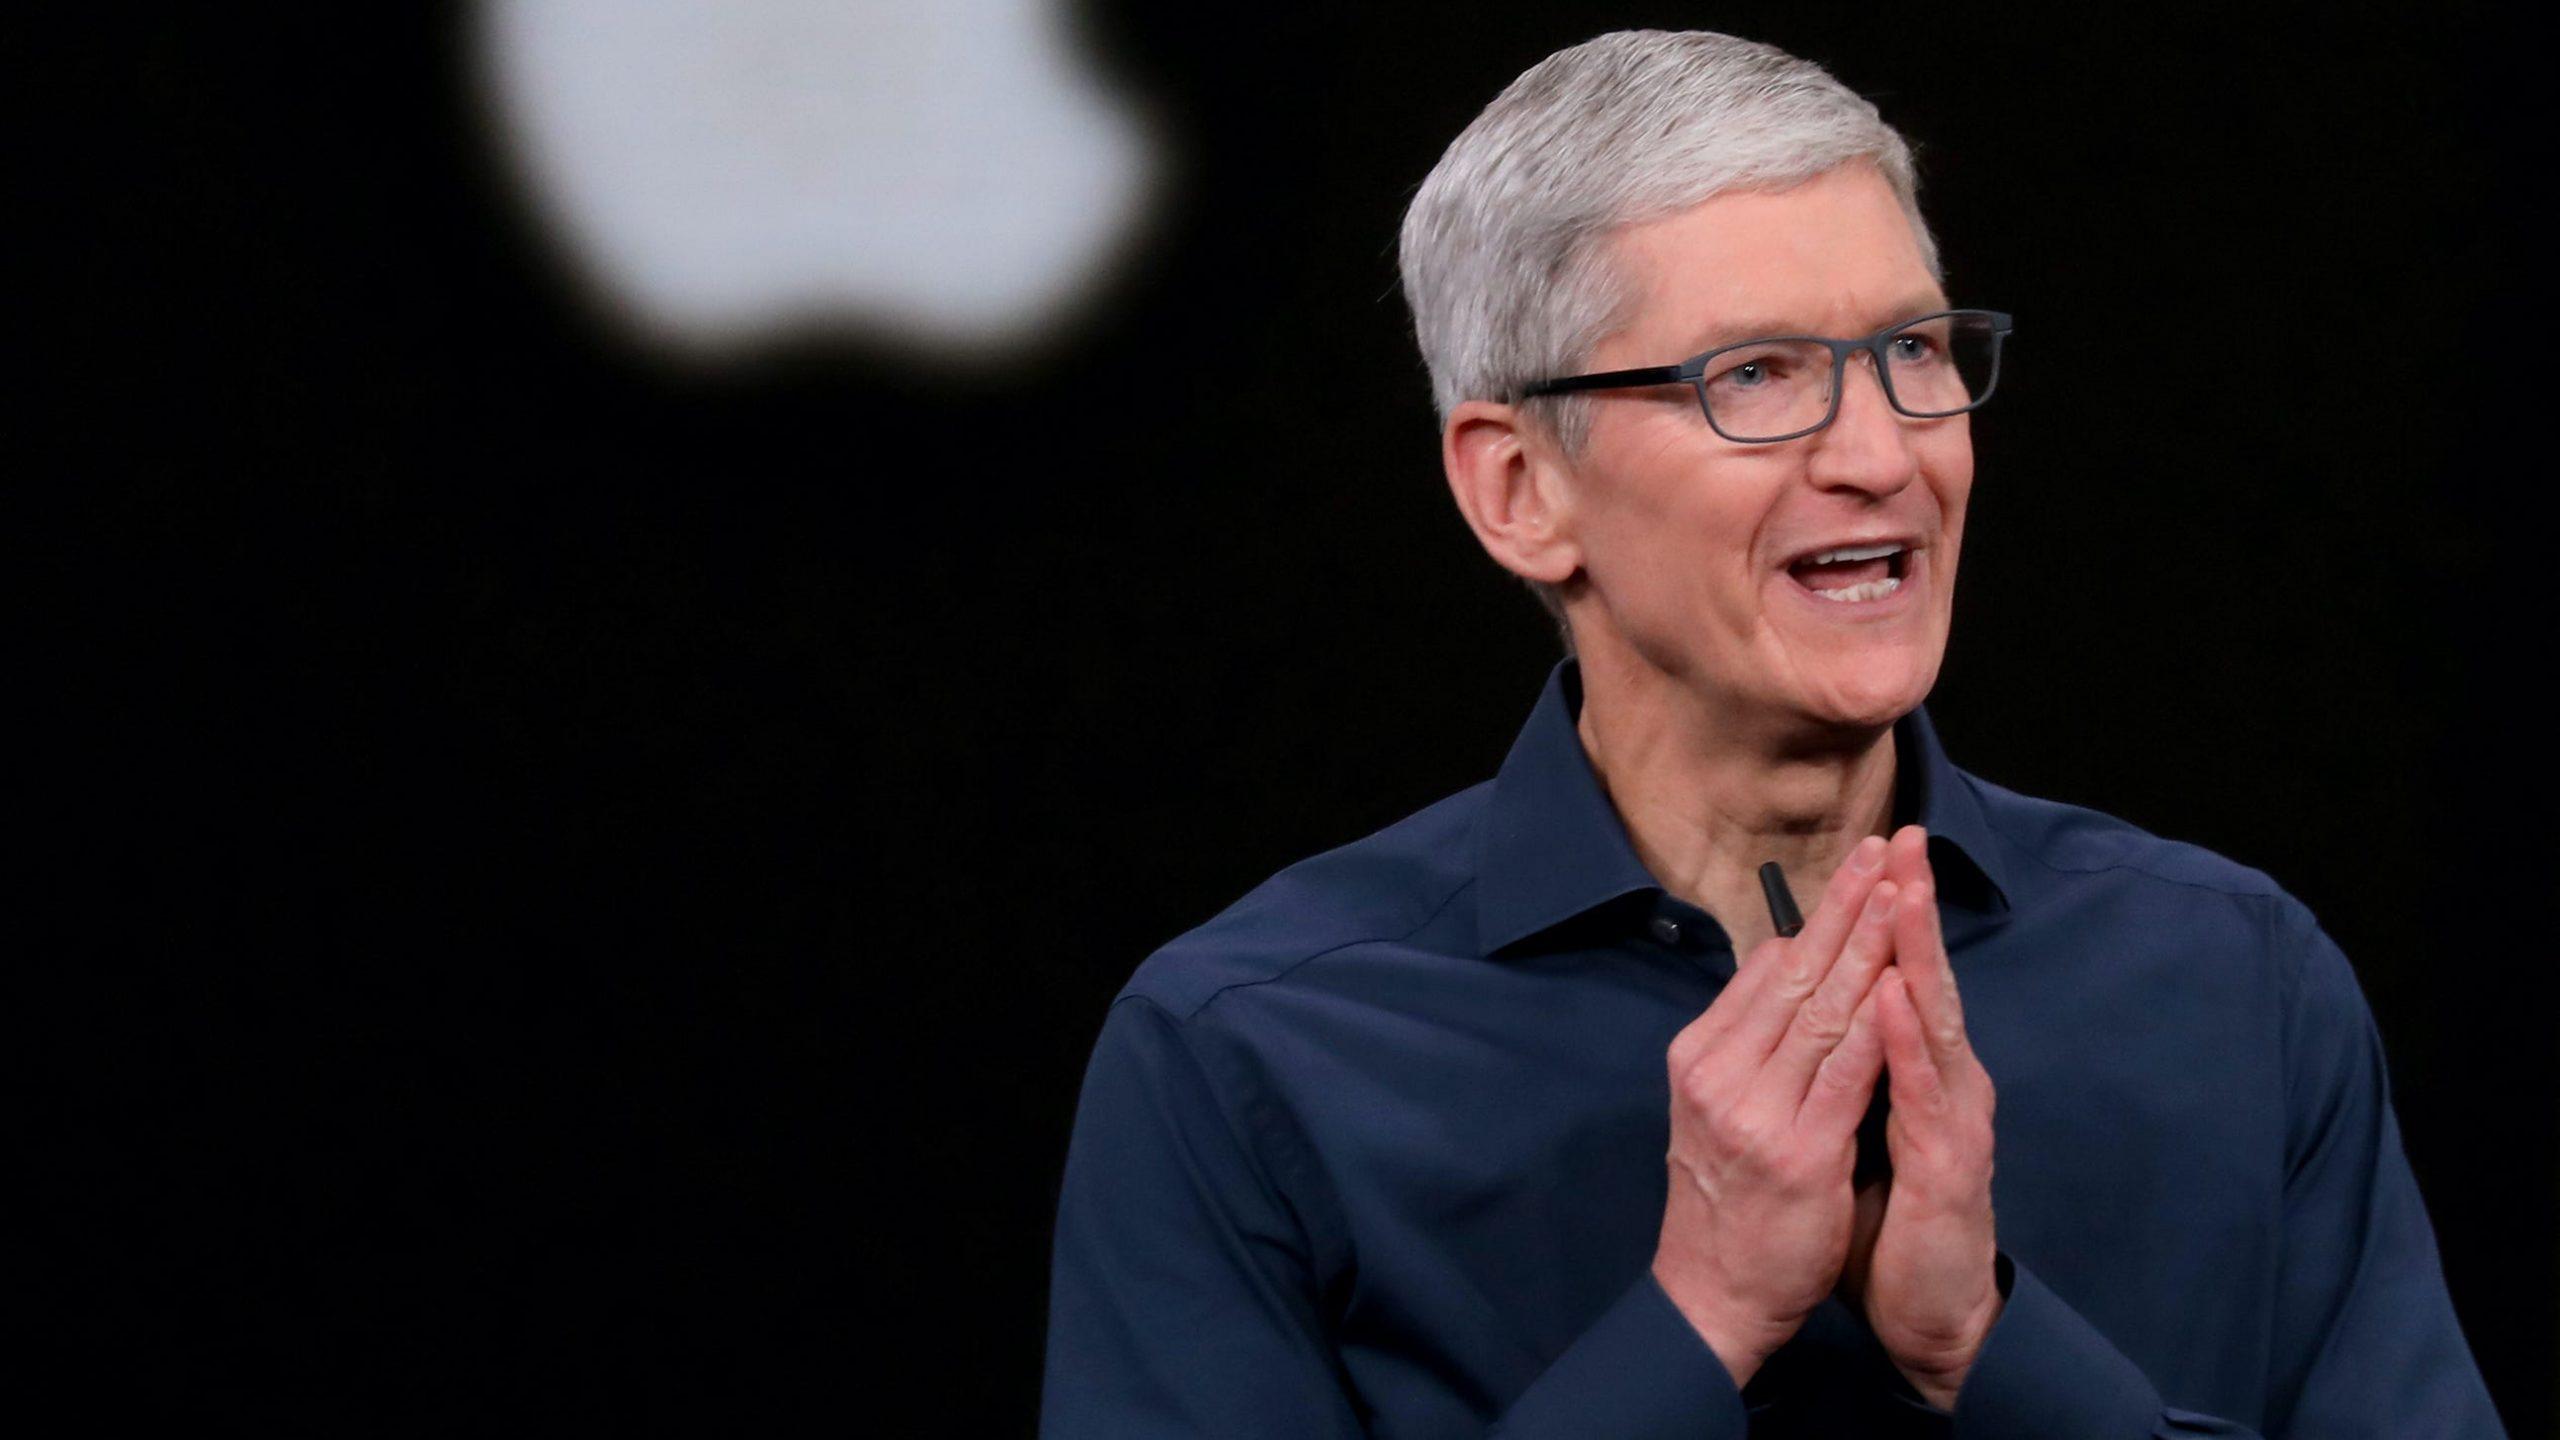 Tim cook receberá última parcela de us$ 750 milhões pelo cargo de ceo da apple